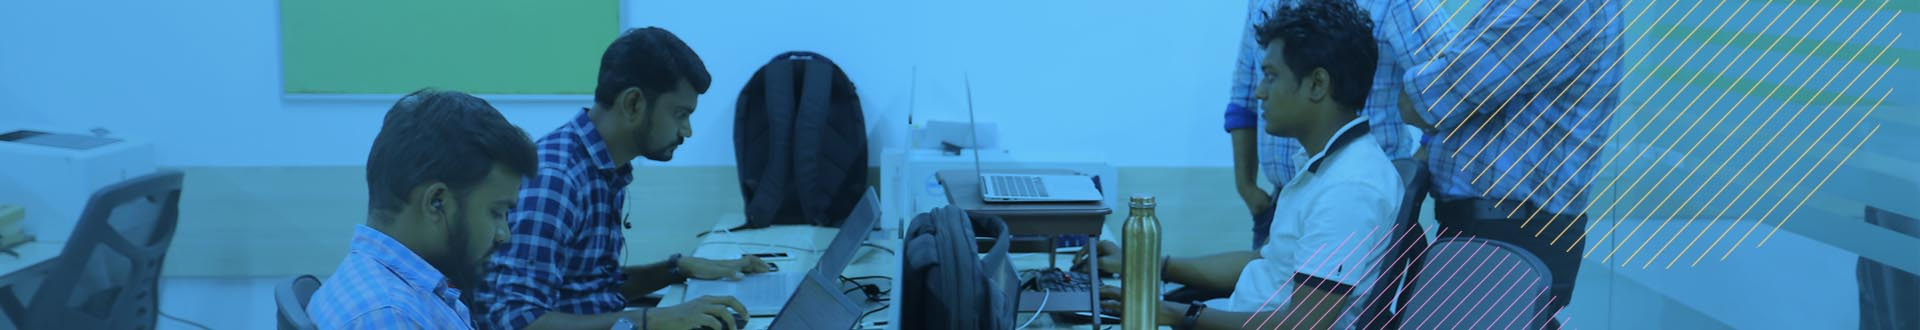 iitm-Carrers-desktop